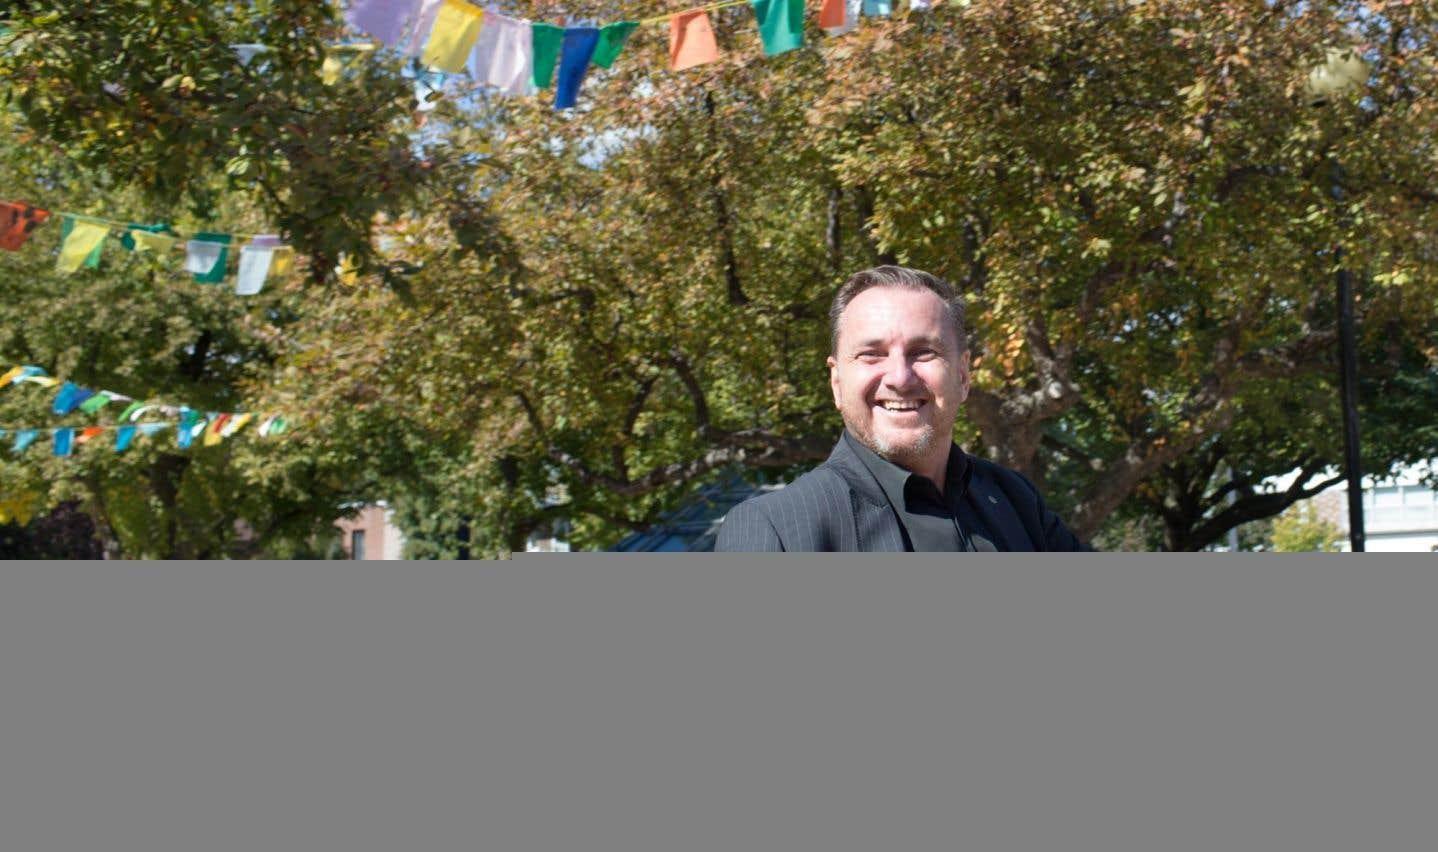 Le maire, Jean-François Parenteau, veut changer le regard des gens sur le coin où il a grandi.